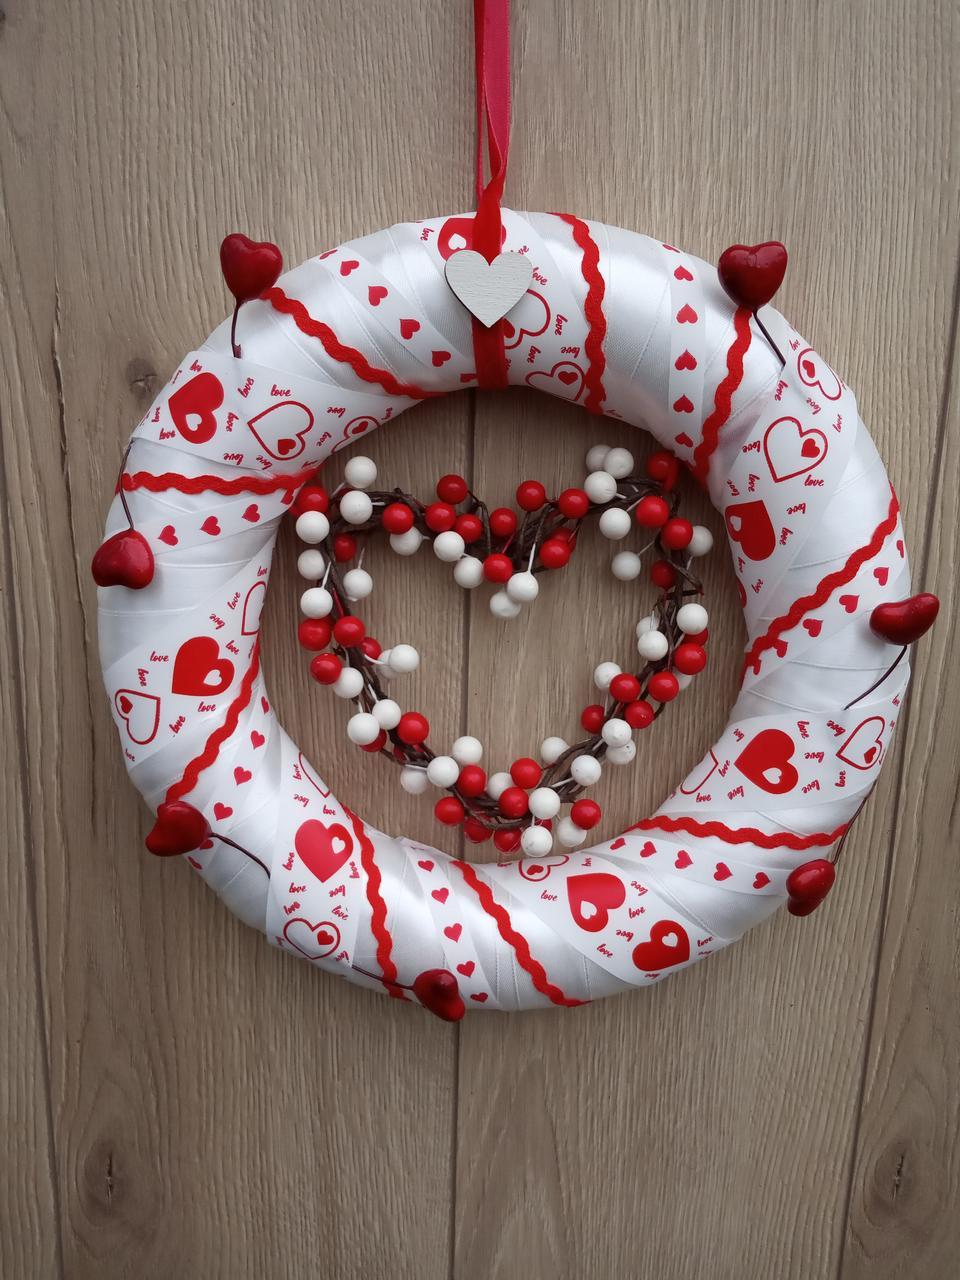 Червоно-білий вінок з серцями  на двері, стіну до дня святого Валентина